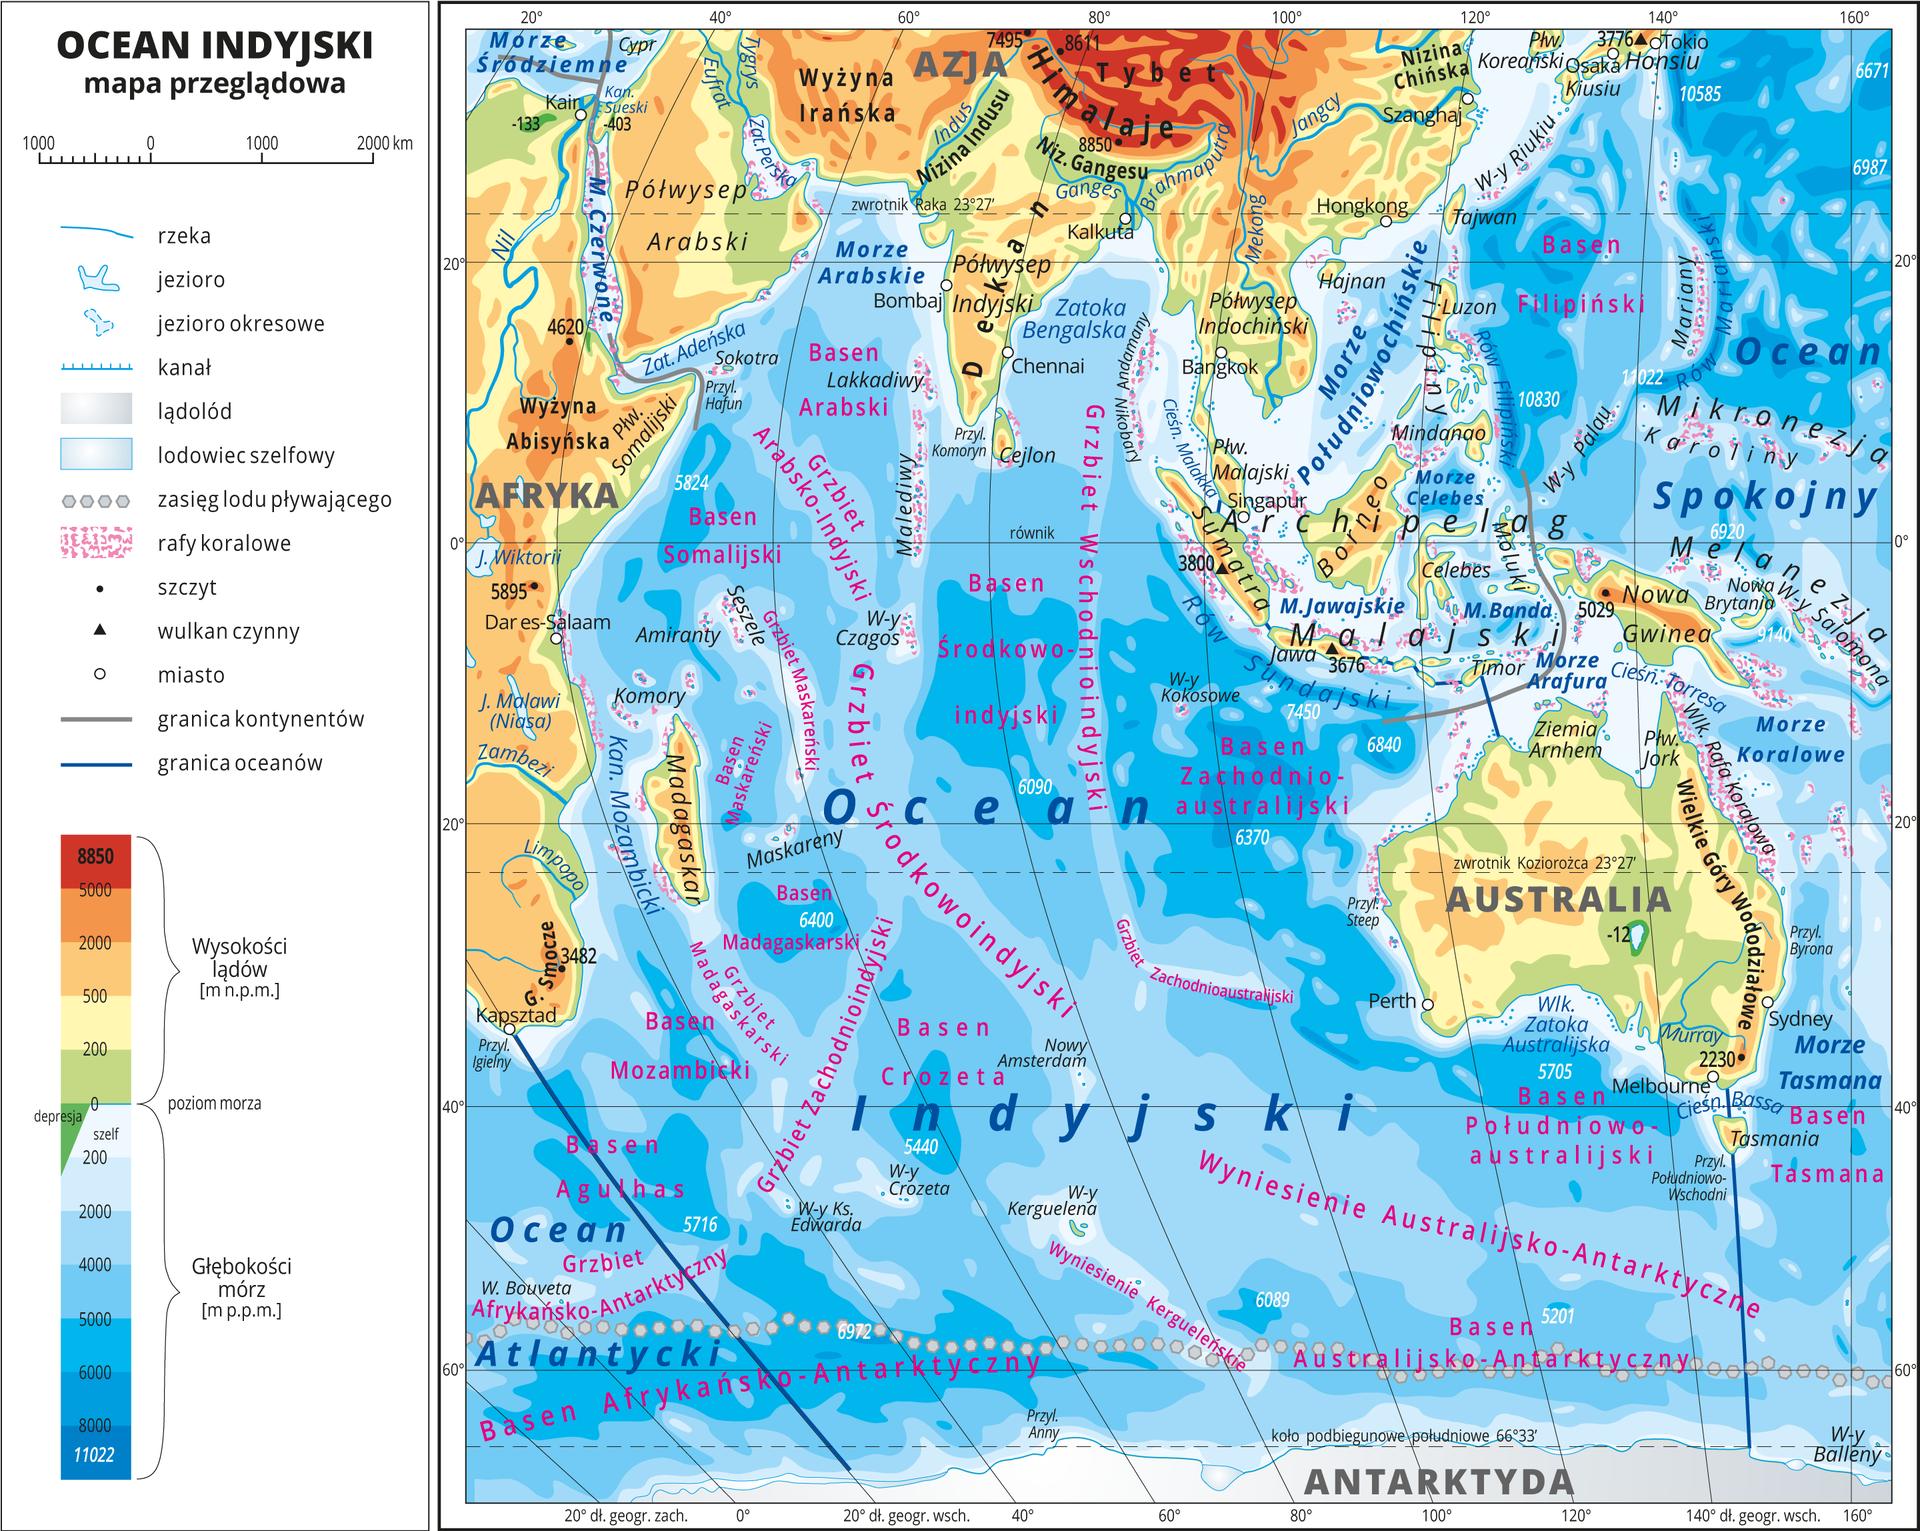 Ilustracja przedstawia mapę przeglądową Oceanu Indyjskiego. Wobrębie lądów występują obszary wkolorze zielonym, żółtym, pomarańczowym iczerwonym. Morza zaznaczono sześcioma odcieniami koloru niebieskiego iopisano głębokości. Ciemniejszy kolor oznacza większą głębokość. Wobrębie wód przeprowadzono granice między oceanami. Na mapie opisano nazwy kontynentów, wysp, głównych pasm górskich, morza izatoki. Oznaczono iopisano największe miasta. Mapa pokryta jest równoleżnikami ipołudnikami. Dookoła mapy wbiałej ramce opisano współrzędne geograficzne co dwadzieścia stopni. Wlegendzie umieszczono iopisano znaki użyte na mapie.